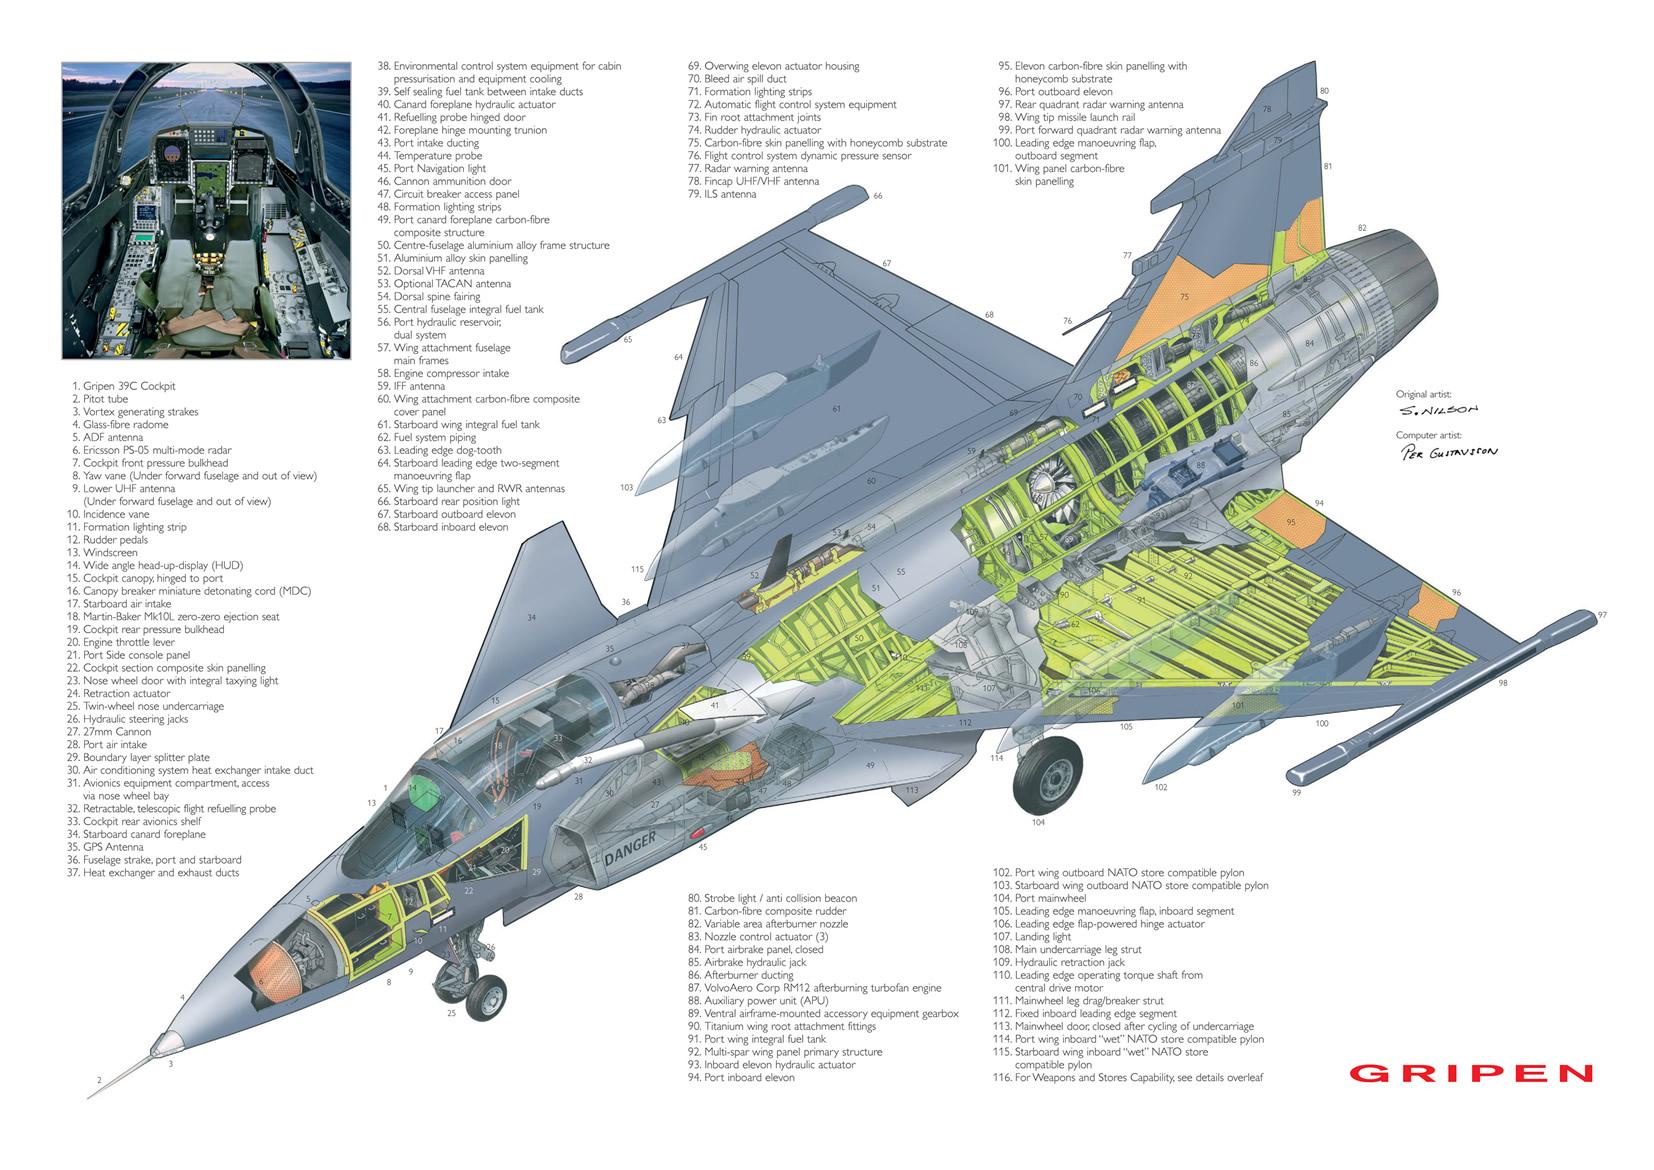 Liberacion de Mirage 2000-5 ex AdA para el mercado de segunda mano? - Página 16 Jas-39_gripen_cutaway_lg